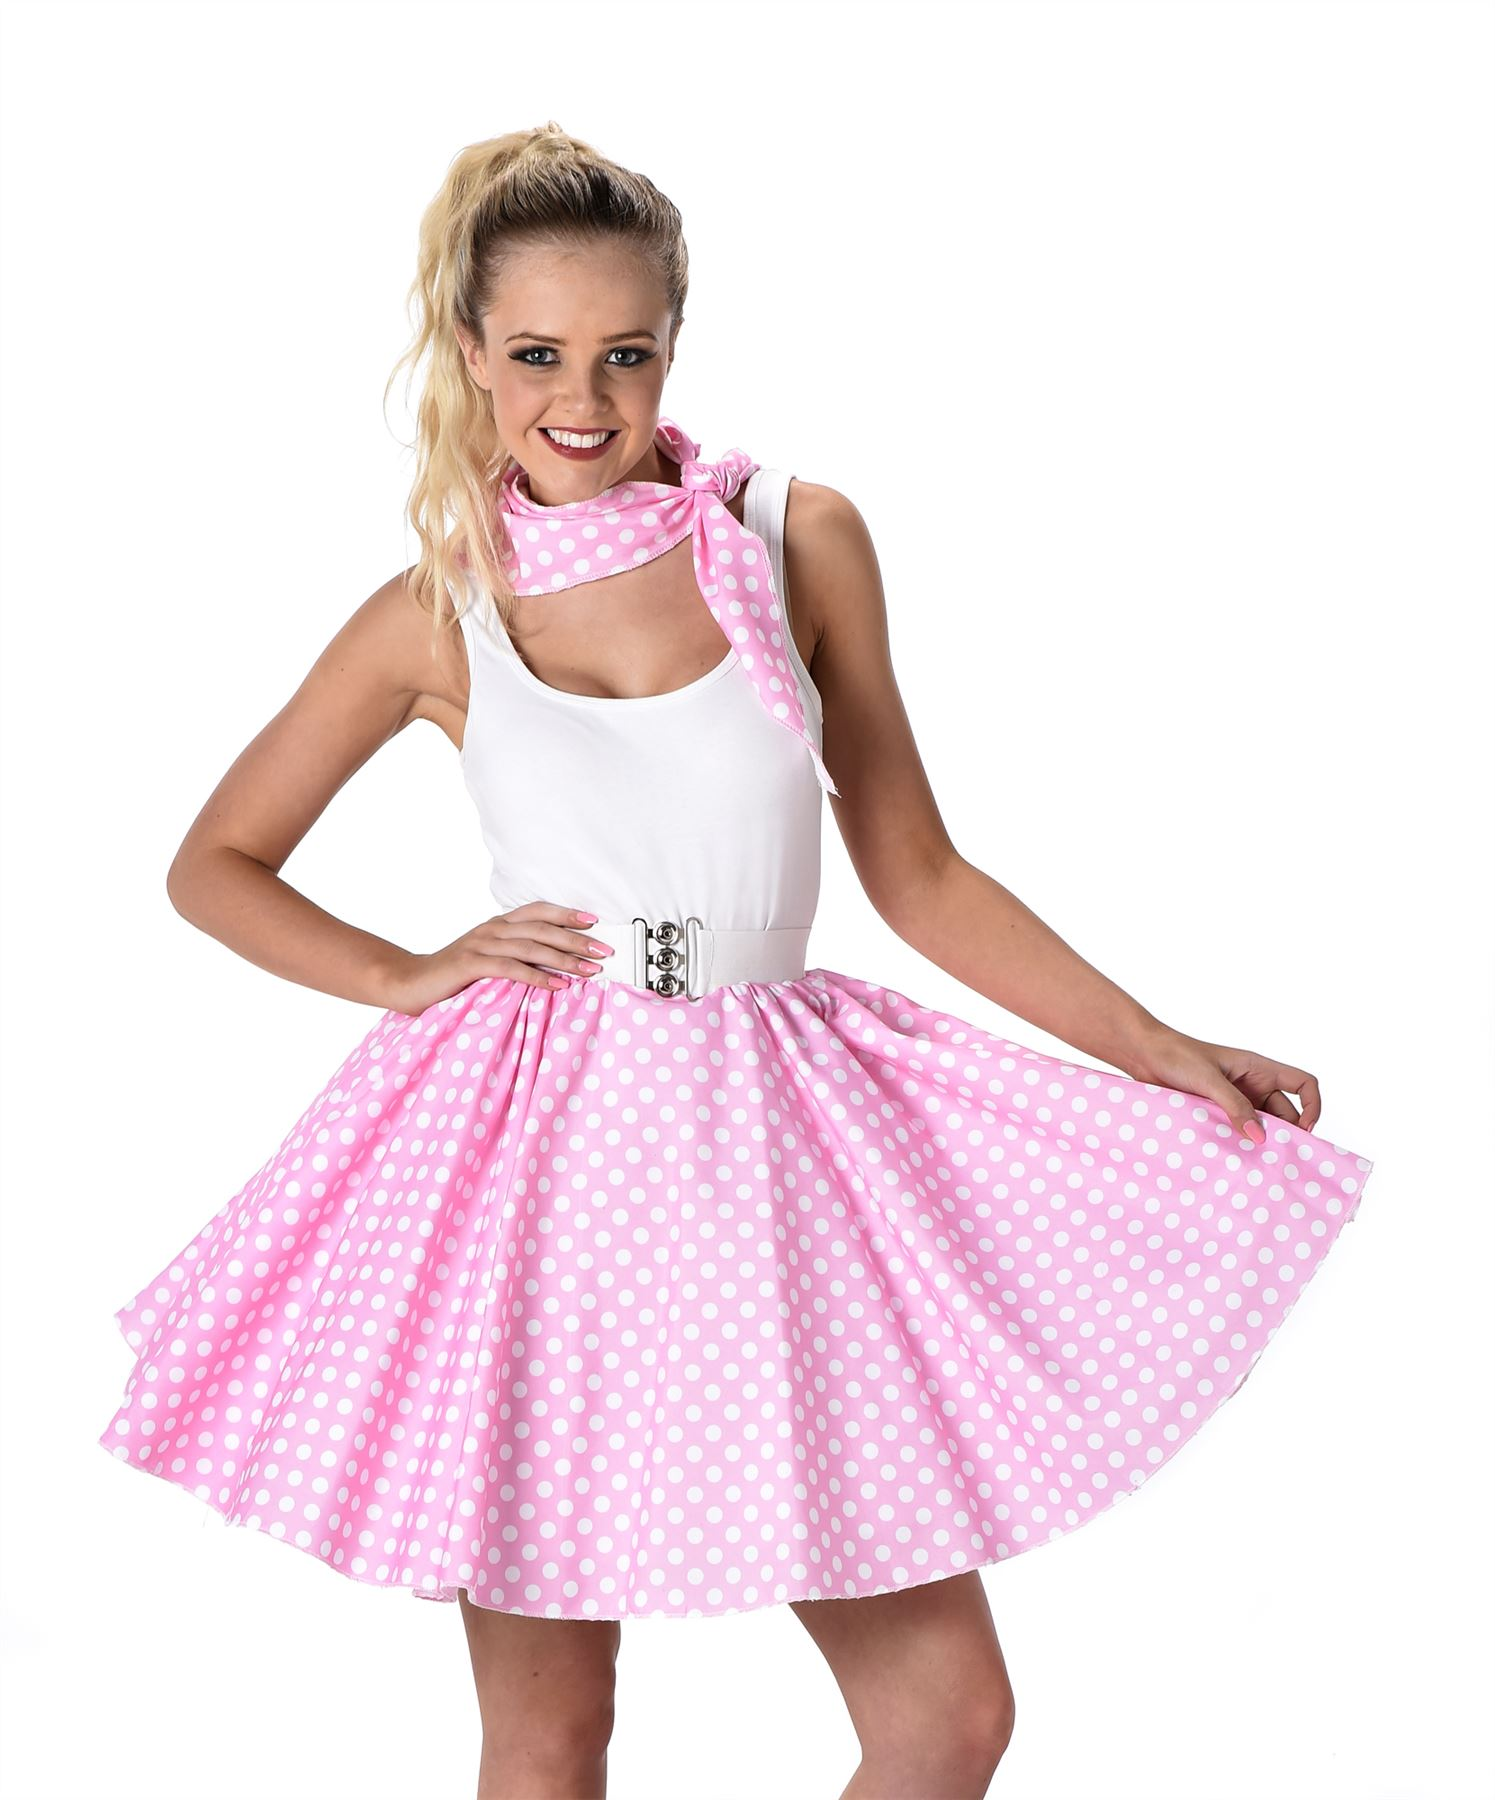 Baby Pink Polka Dot Skirt La s Fancy Dress 50s Rock Roll Womens